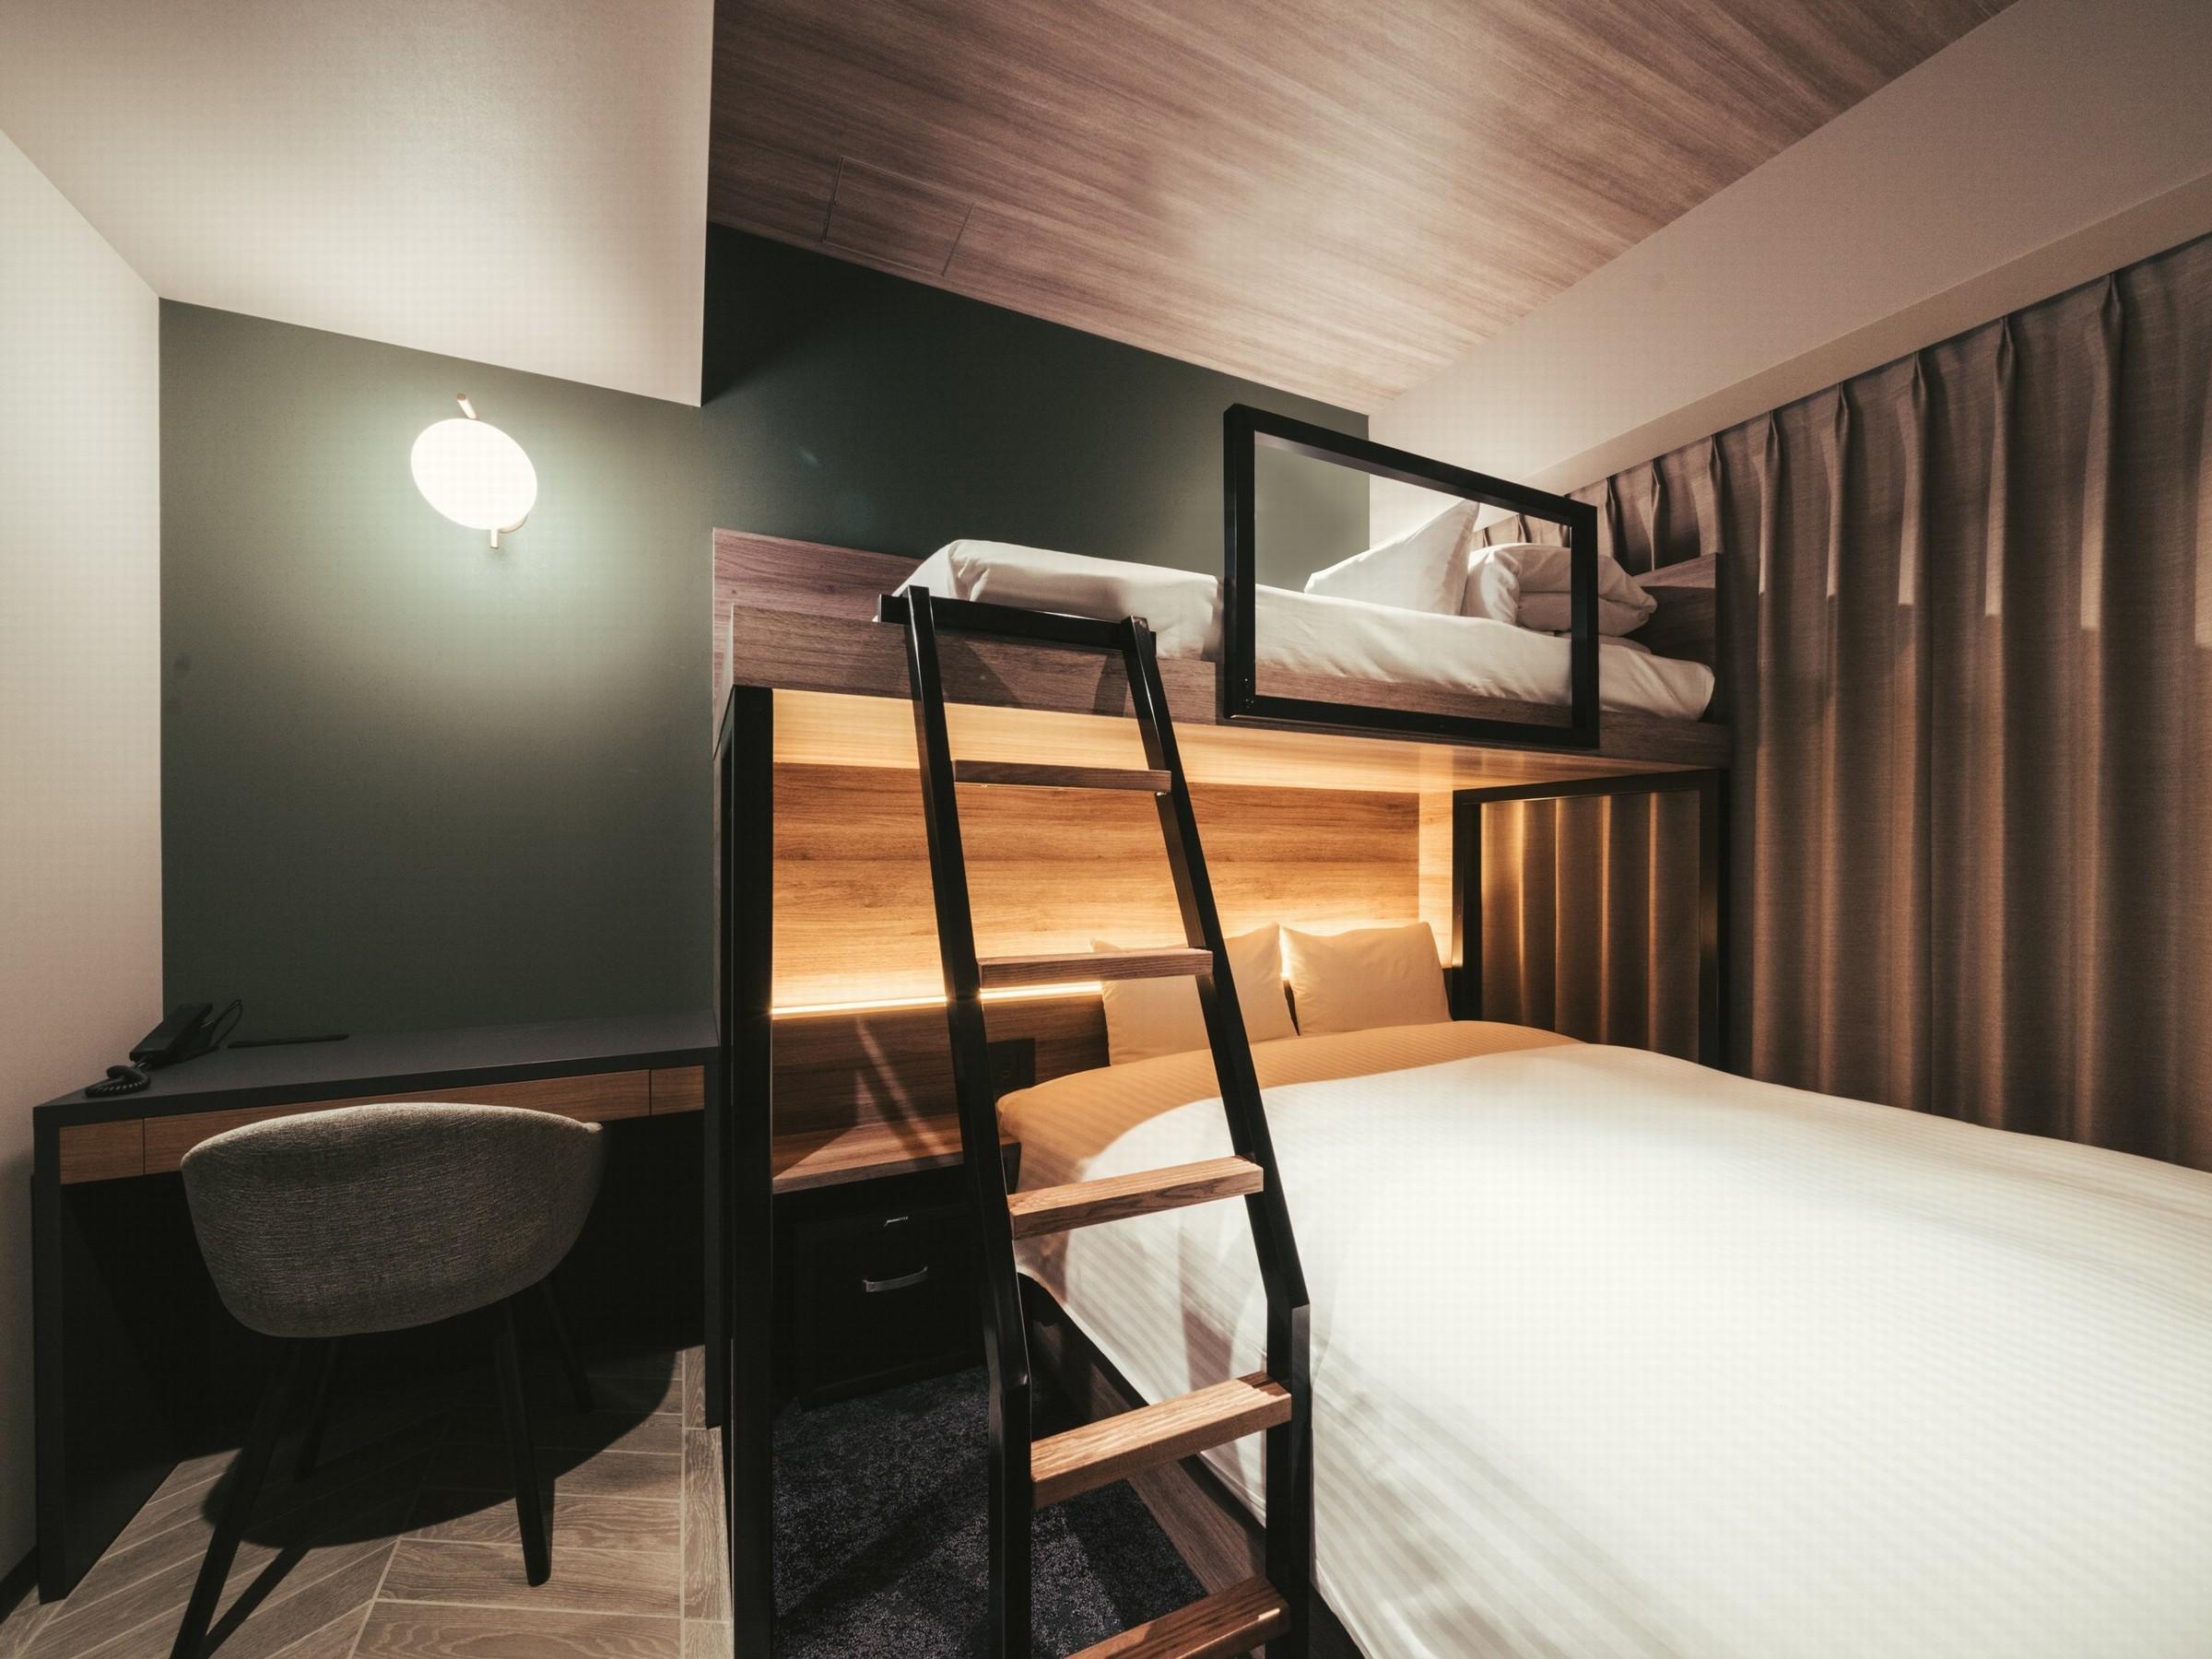 センチュリオンホテルCEN福岡博多 / ◆全室禁煙◆プレミアムクイーン 《1-3名様》